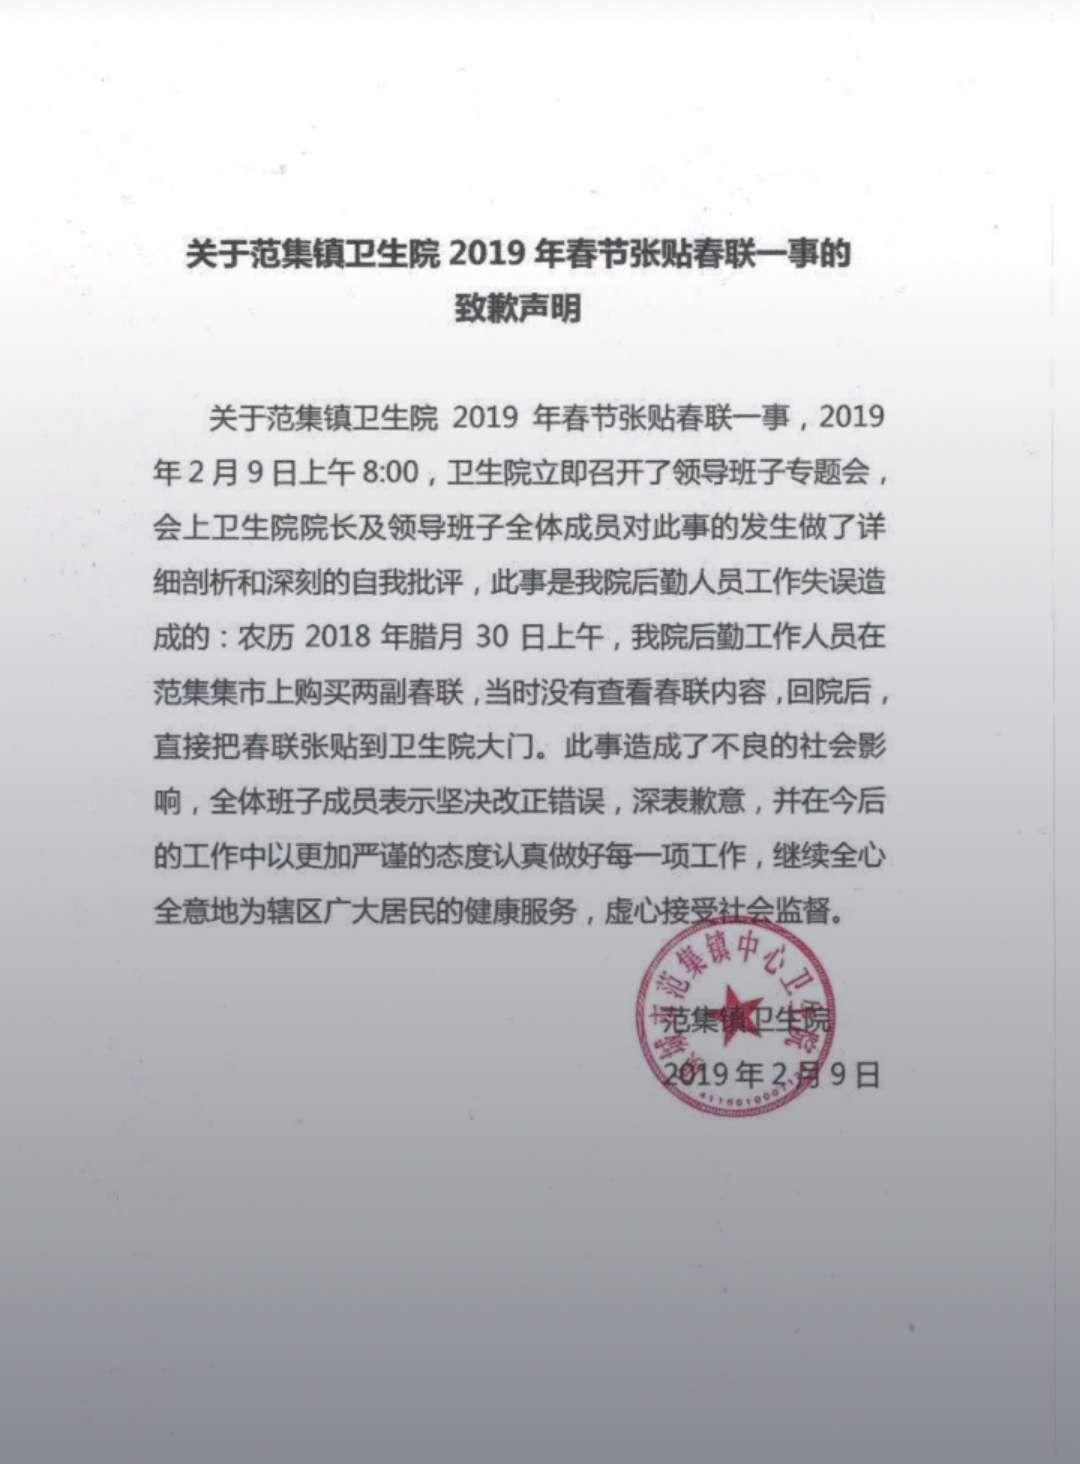 河南一卫生院张贴生意兴隆对联 发表致歉声明